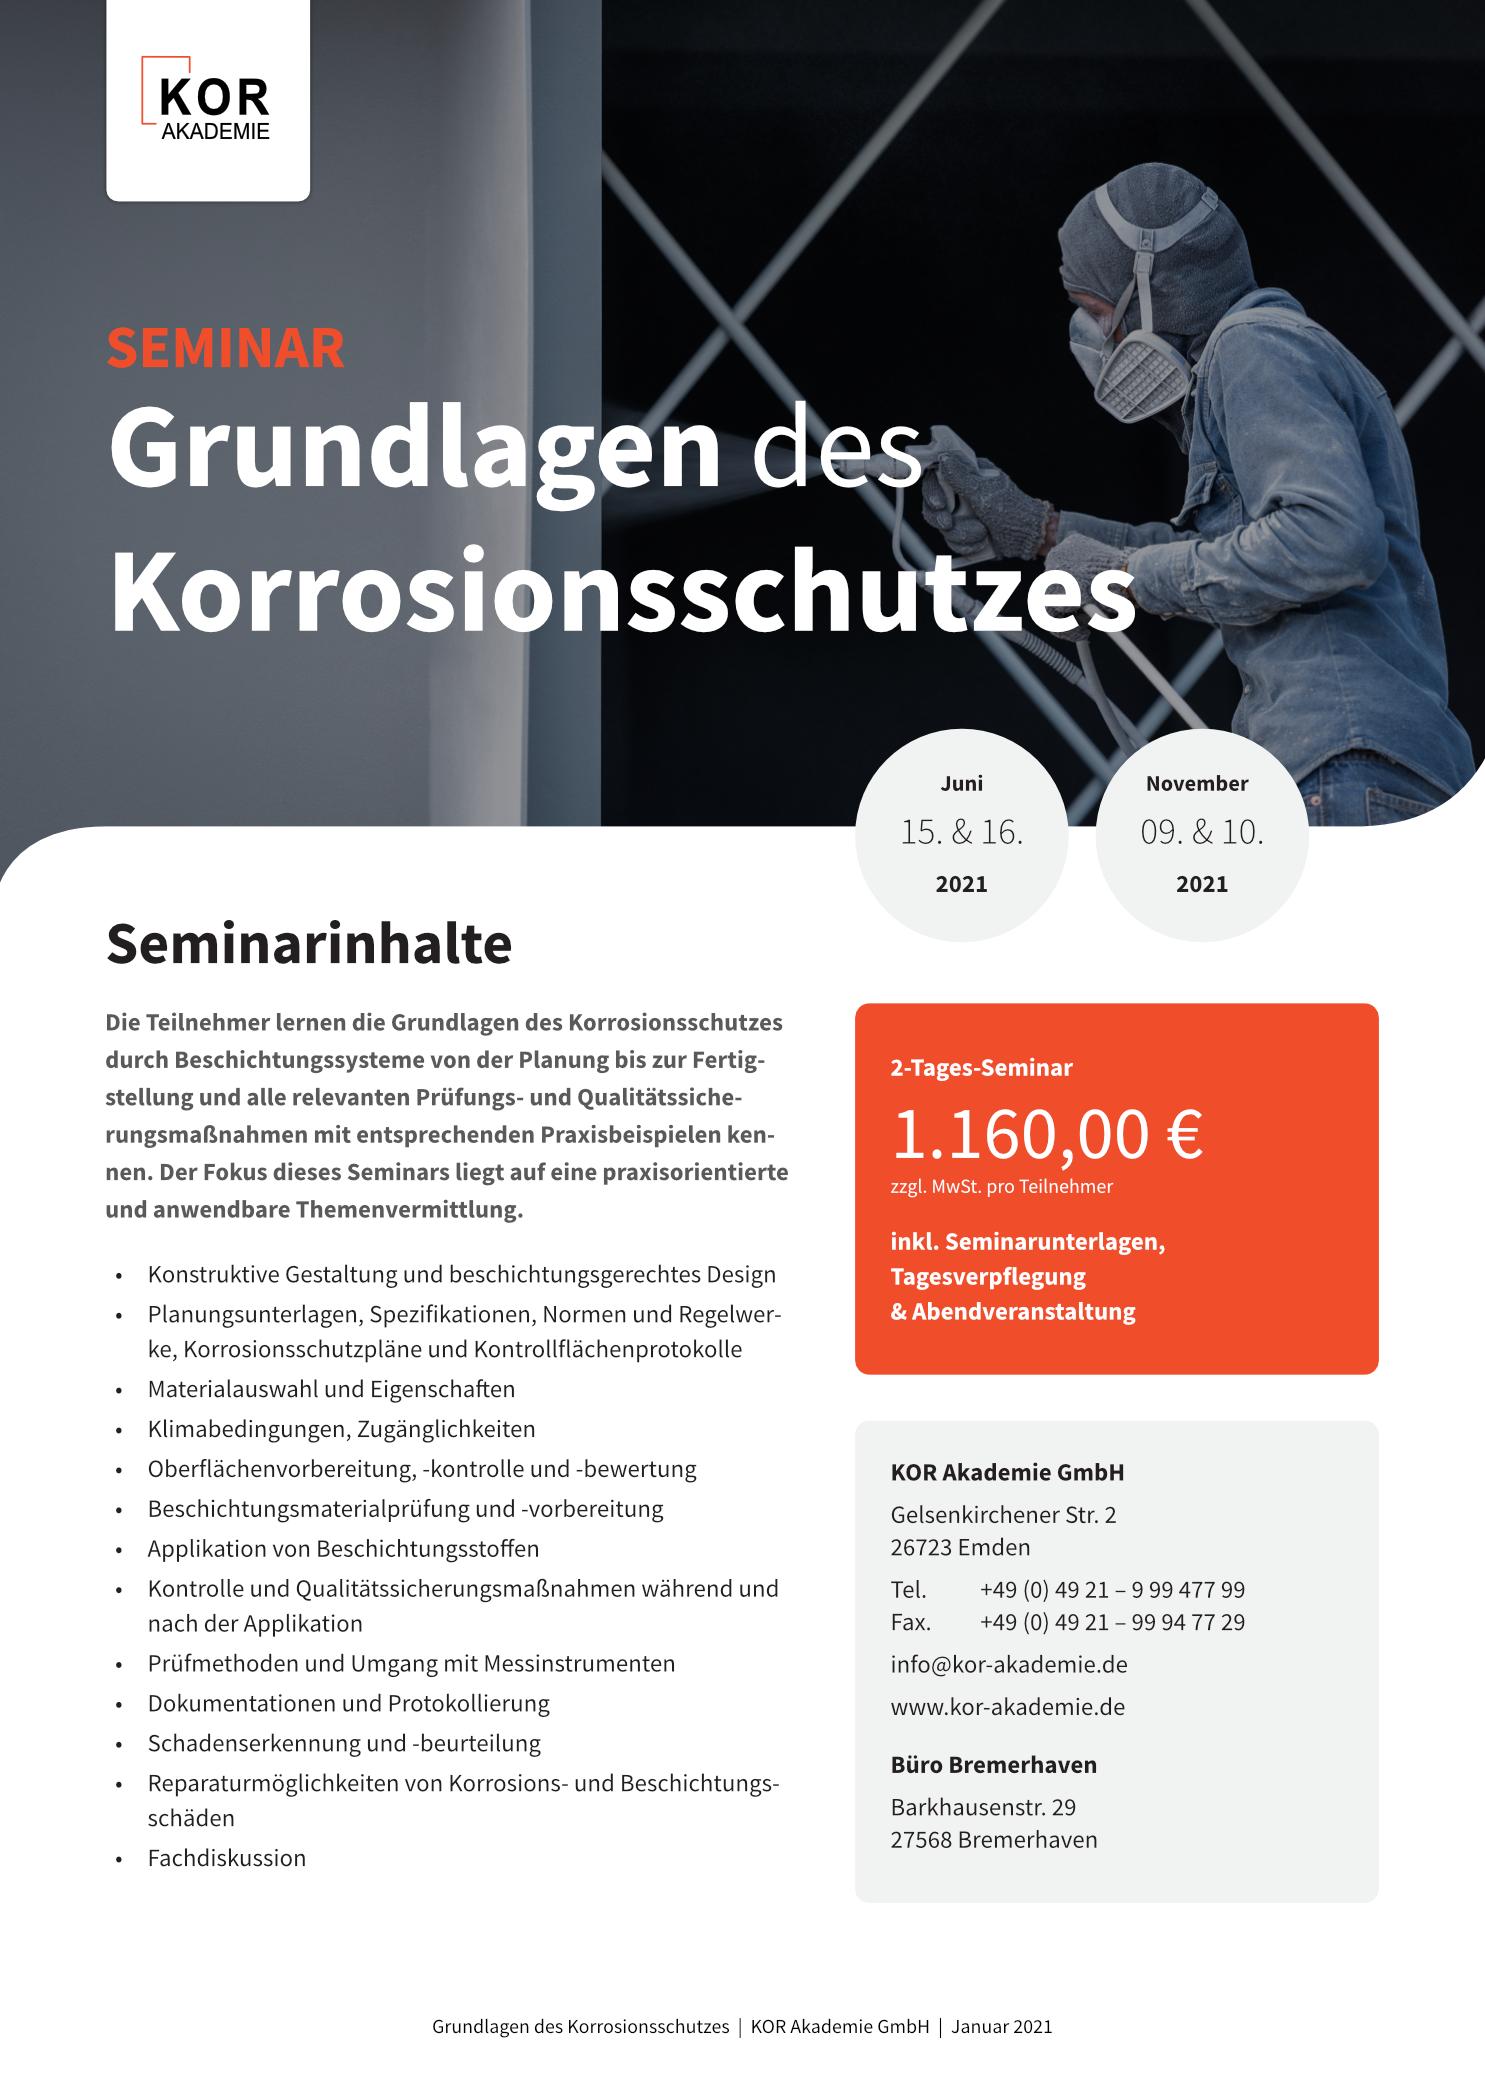 Grundlagen des Korrosionsschutzes - Informationsblatt April 2021 - KOR Akademie® GmbH